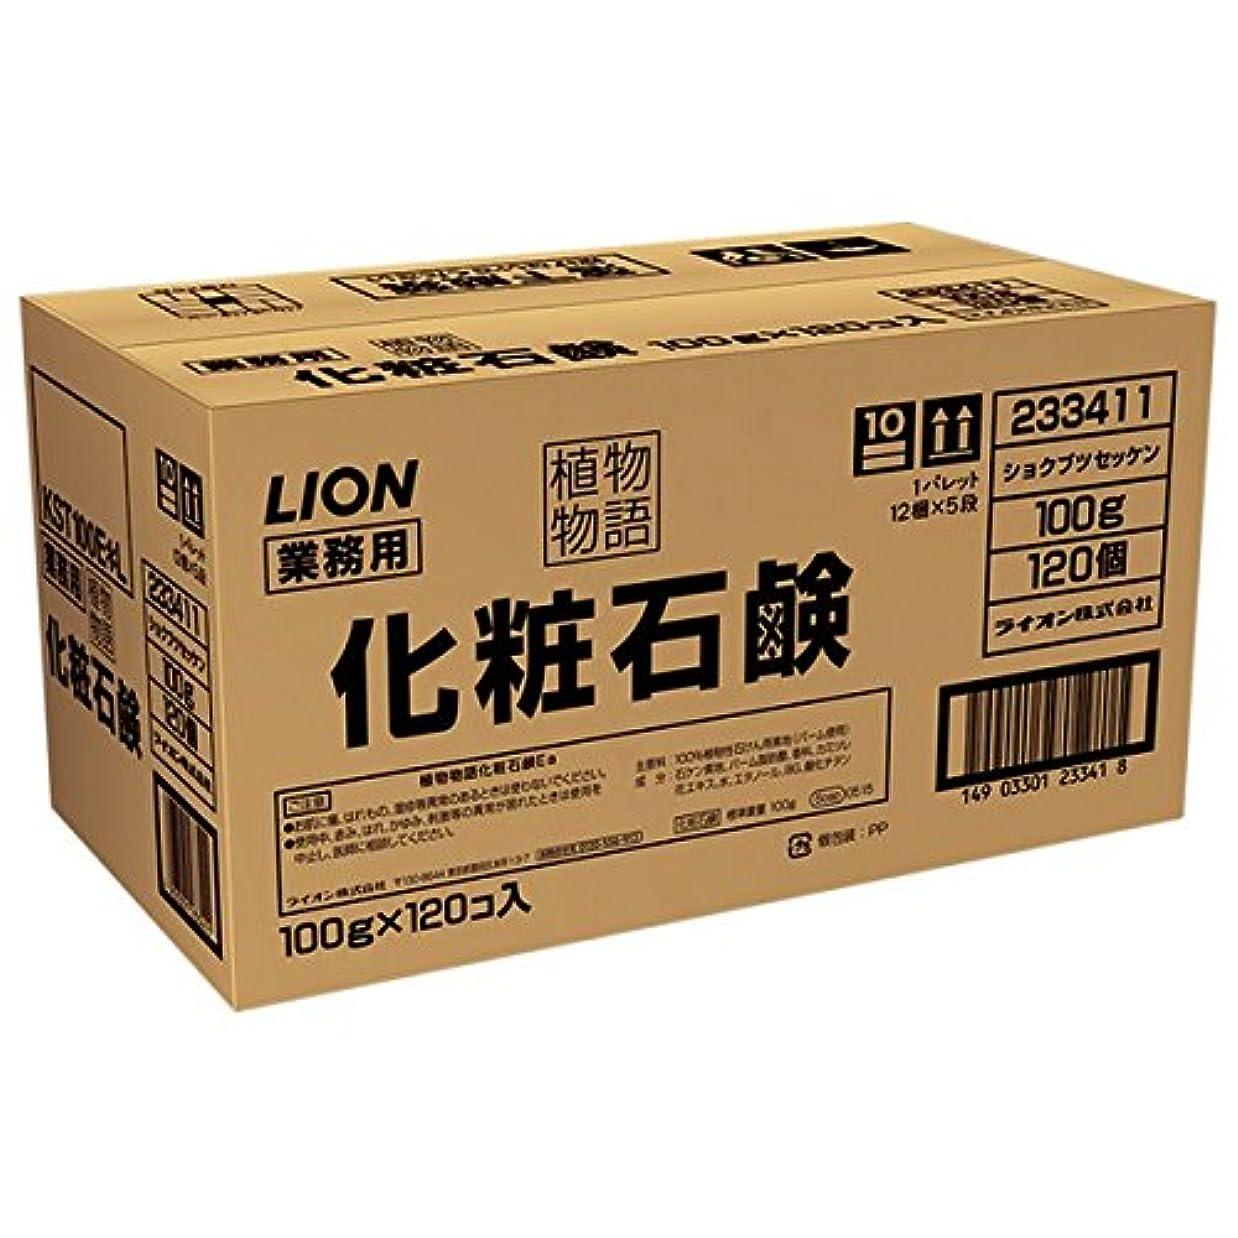 仕方続編降下ライオン 植物物語 化粧石鹸 業務用 100g 1箱(120個)